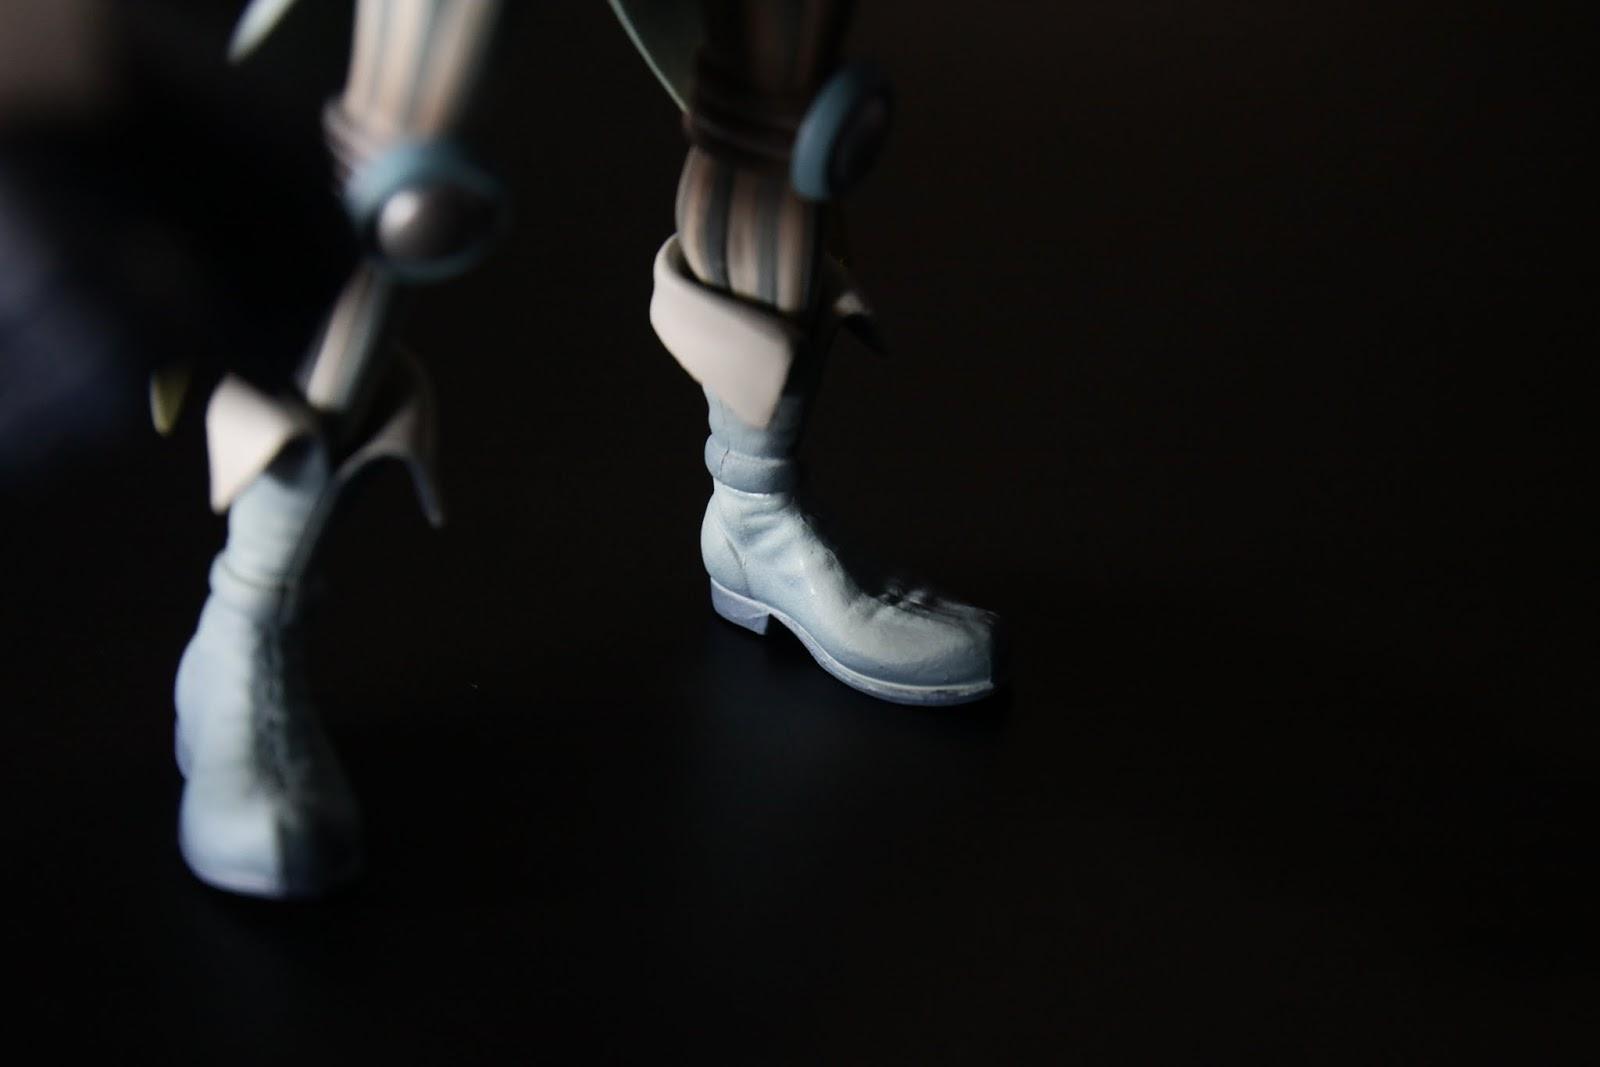 靴子很漂亮,但我比較在意的是~所以說他穿的是大腿襪?!